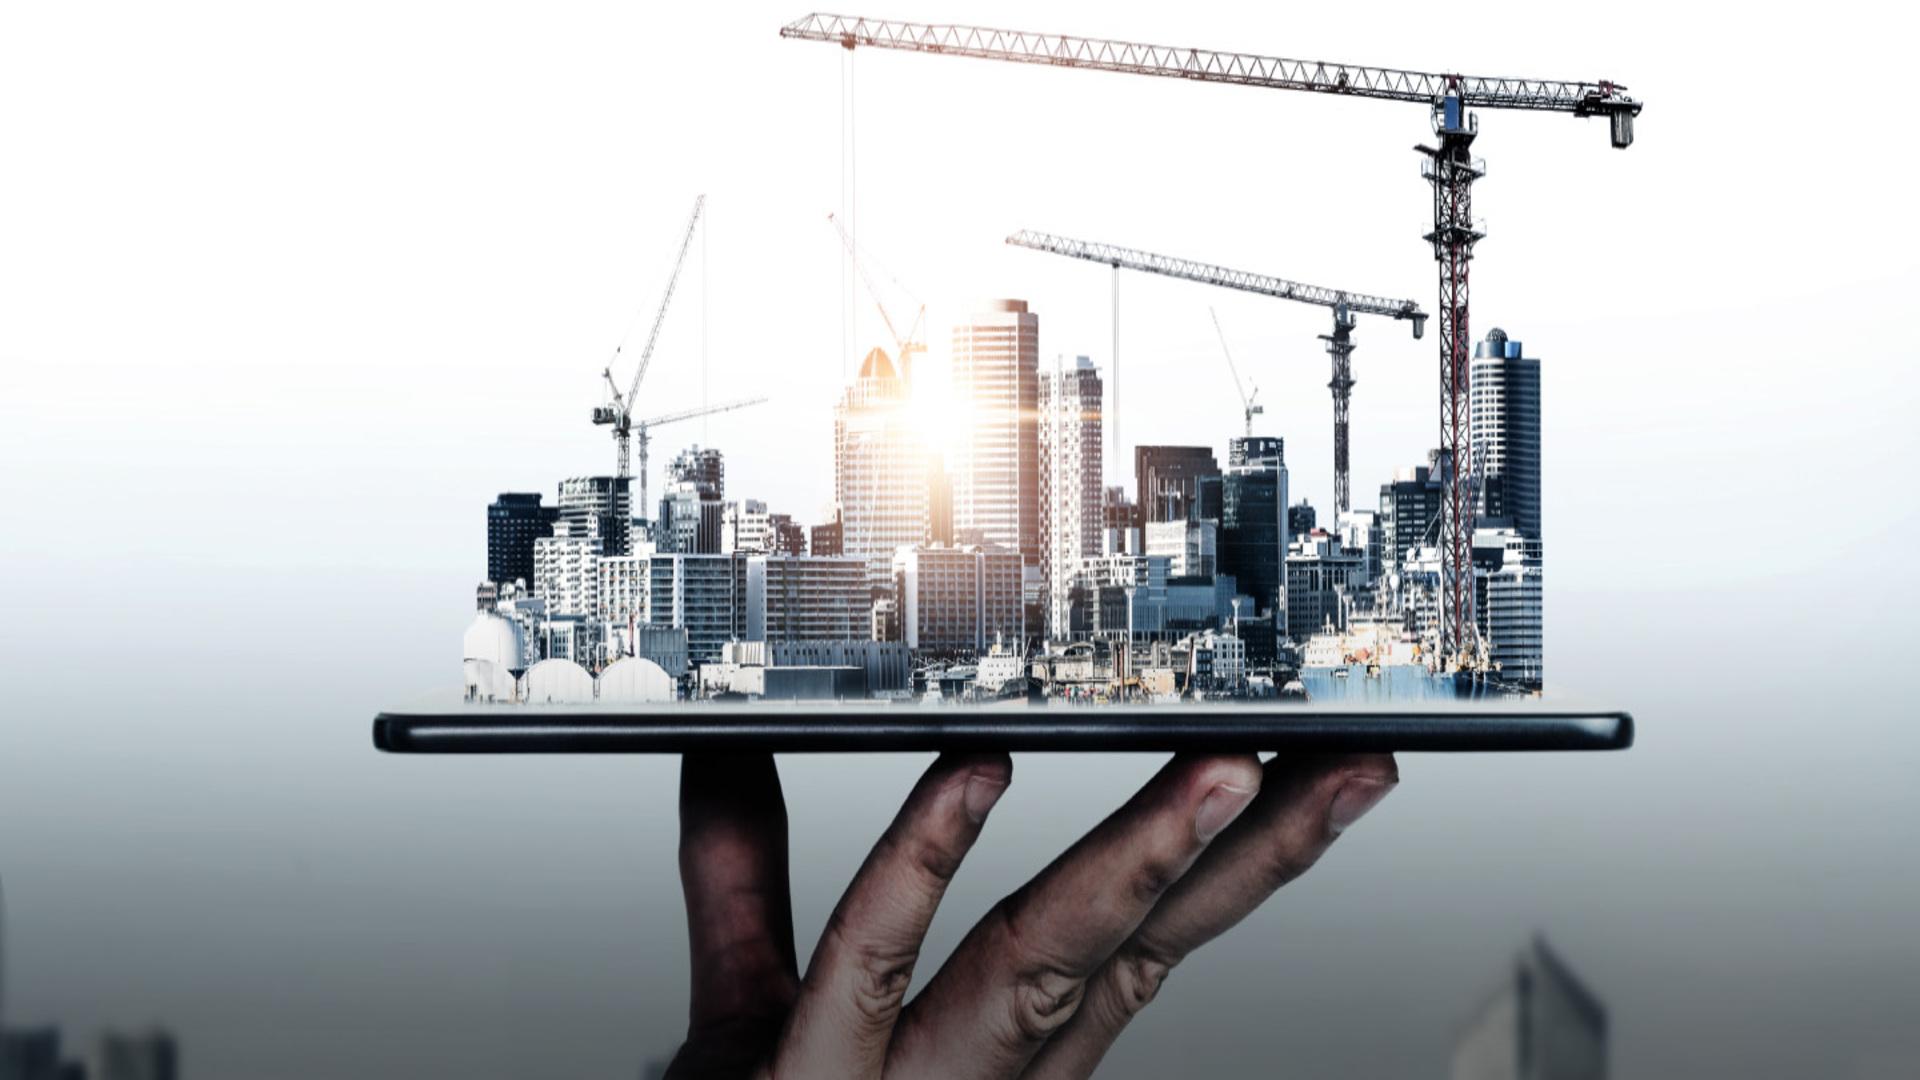 Otvorila kríza dvere pre moderné stavebníctvo? Tieto technologické trendy to potvrdzujú